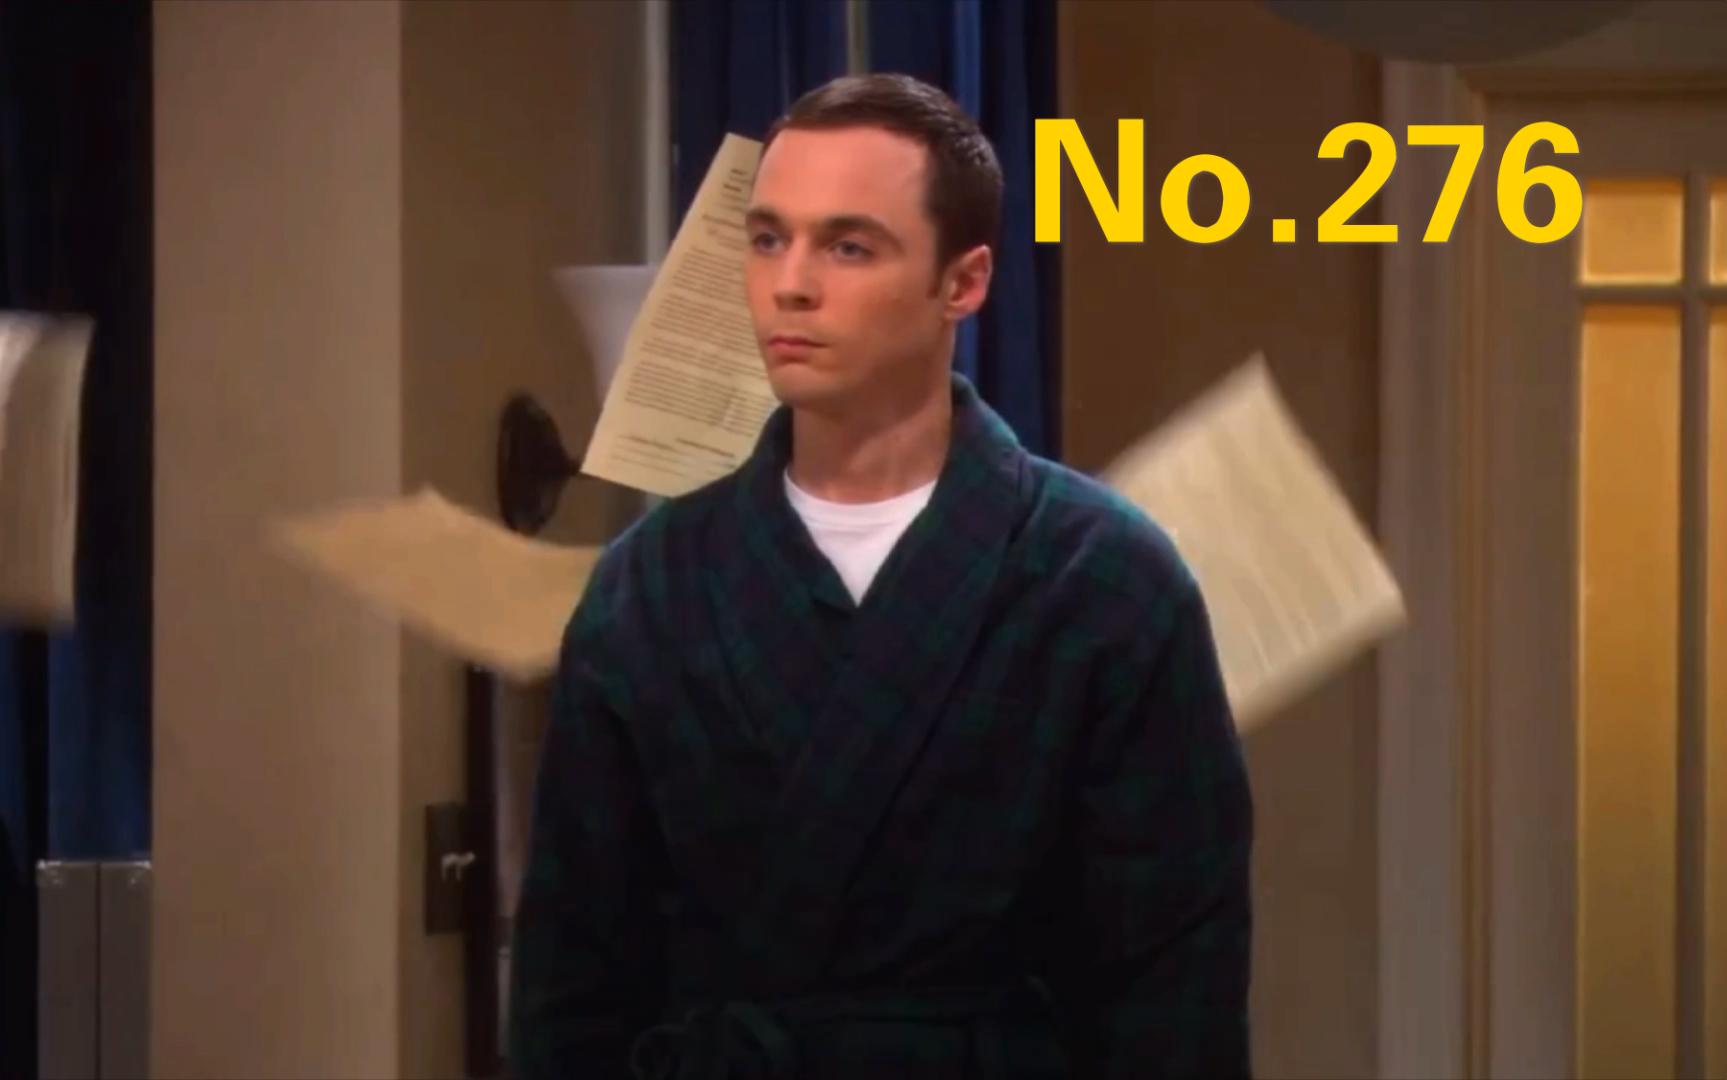 谢耳朵:你们离婚又复婚考虑过我的感受吗?!!(276)